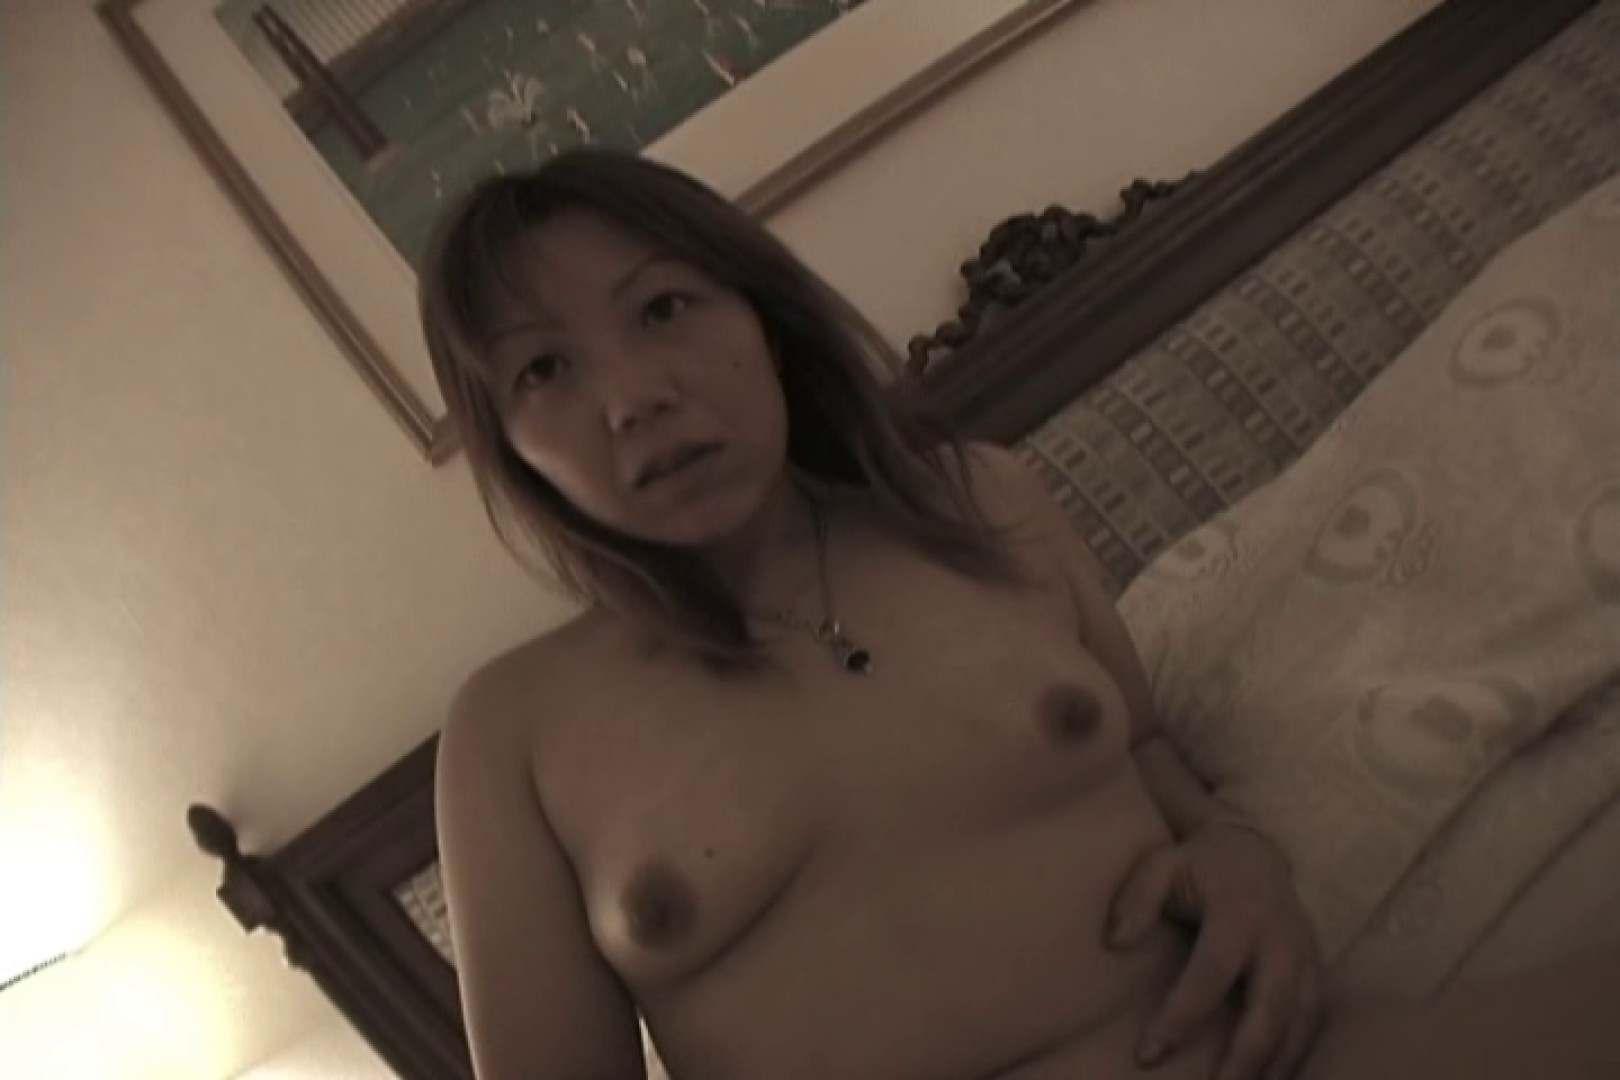 ツンデレ素人嬢もチンポには弱い~増田あけみ~ 素人丸裸  99pic 68